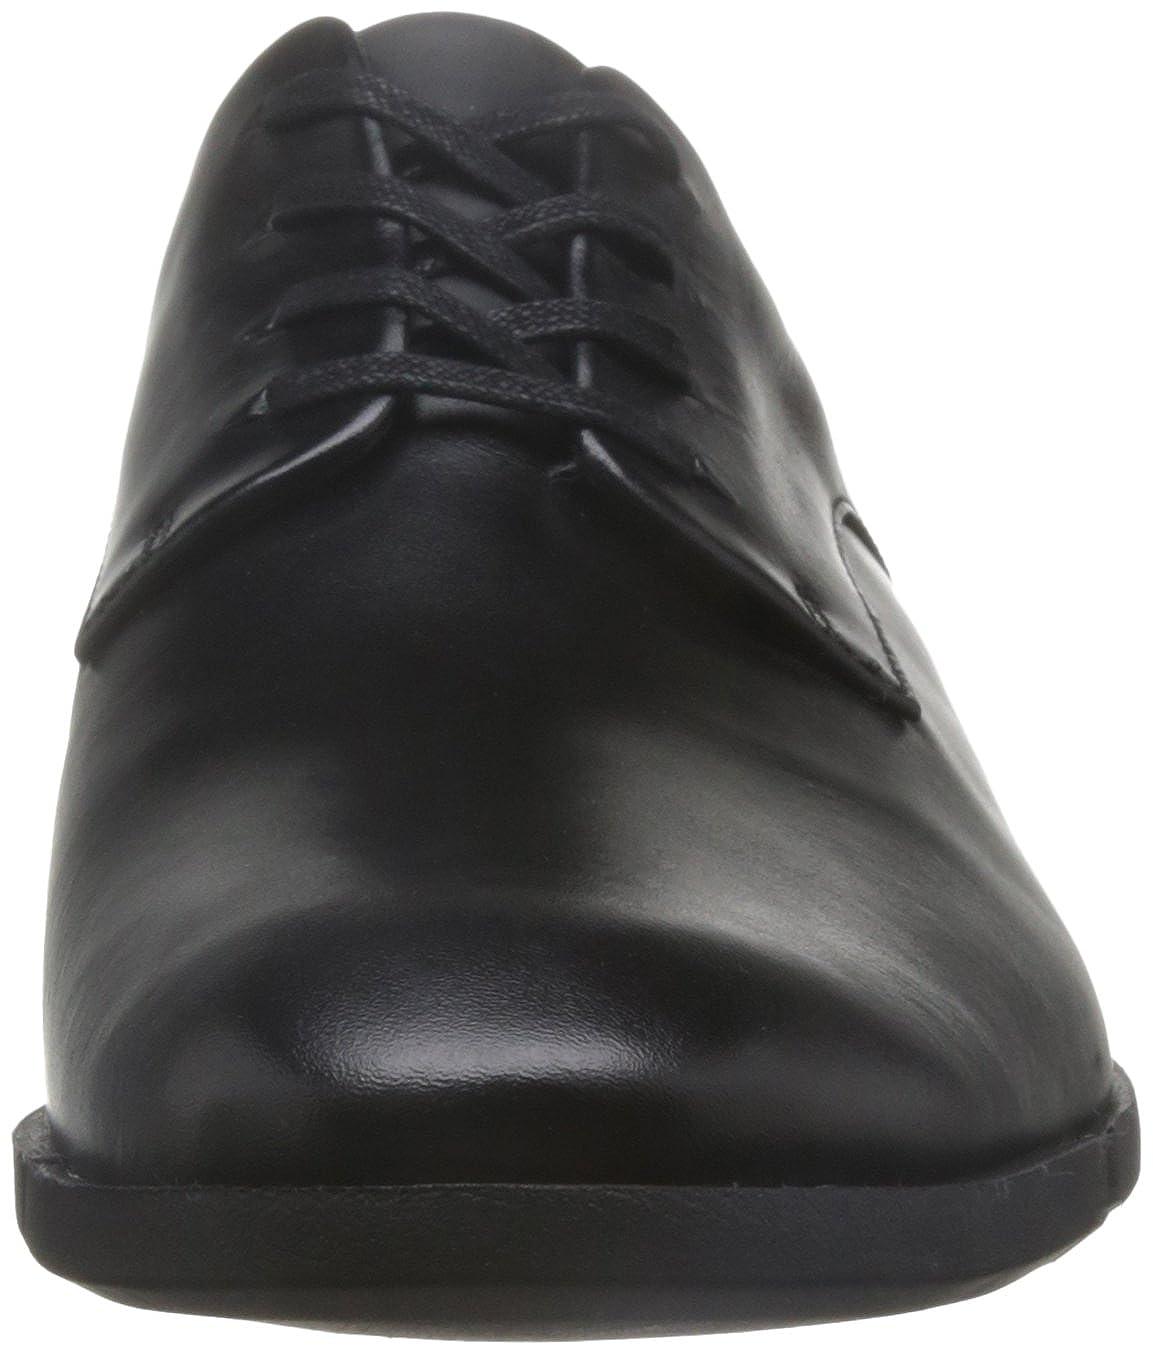 Clarks Schuhe für Herren schwarz 26126932 Daulton schwarz Leder schwarz Herren f8cf81